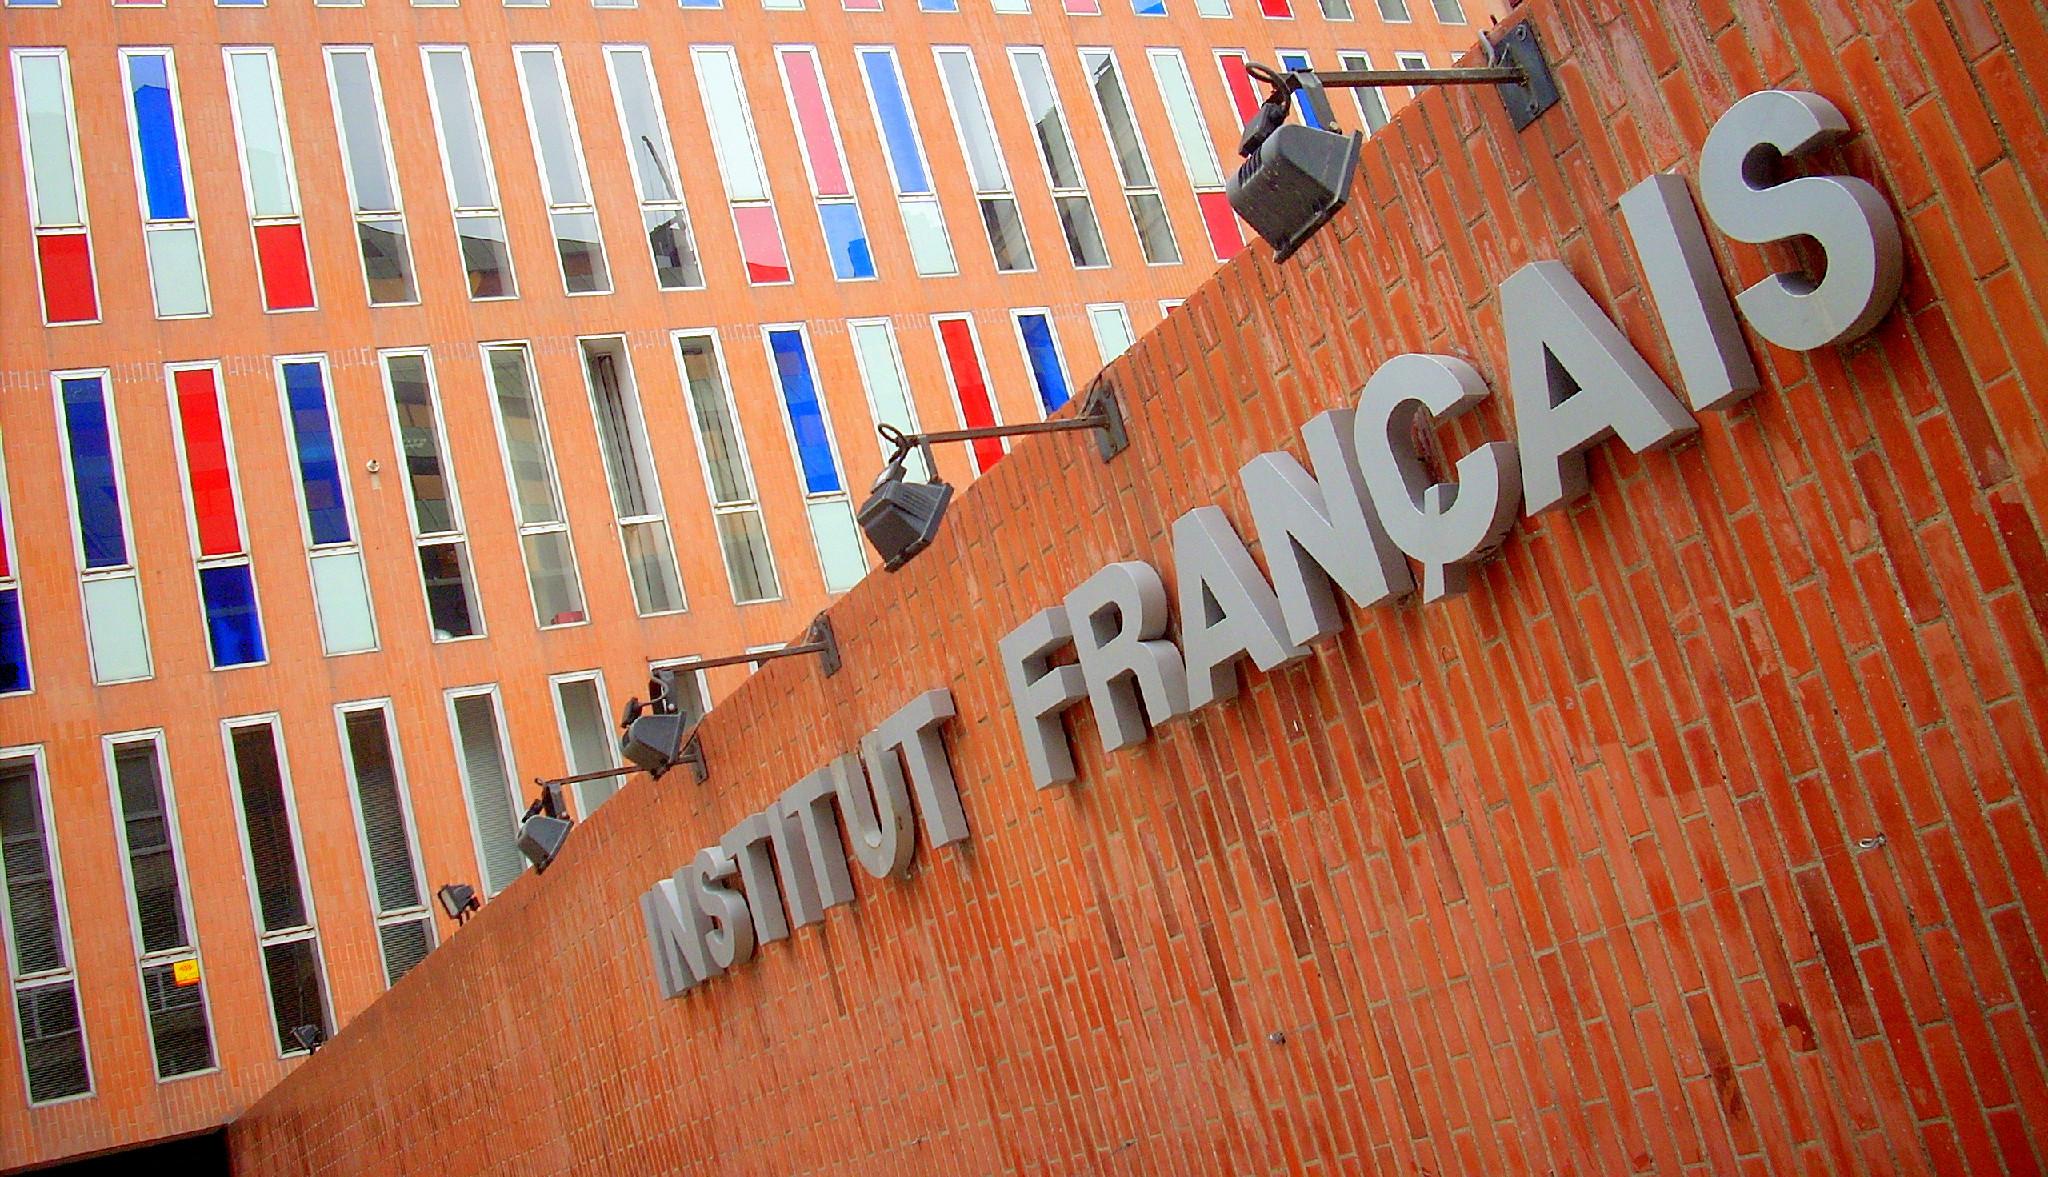 Institutul Francez acordă copiilor diplome recunoscute internațional